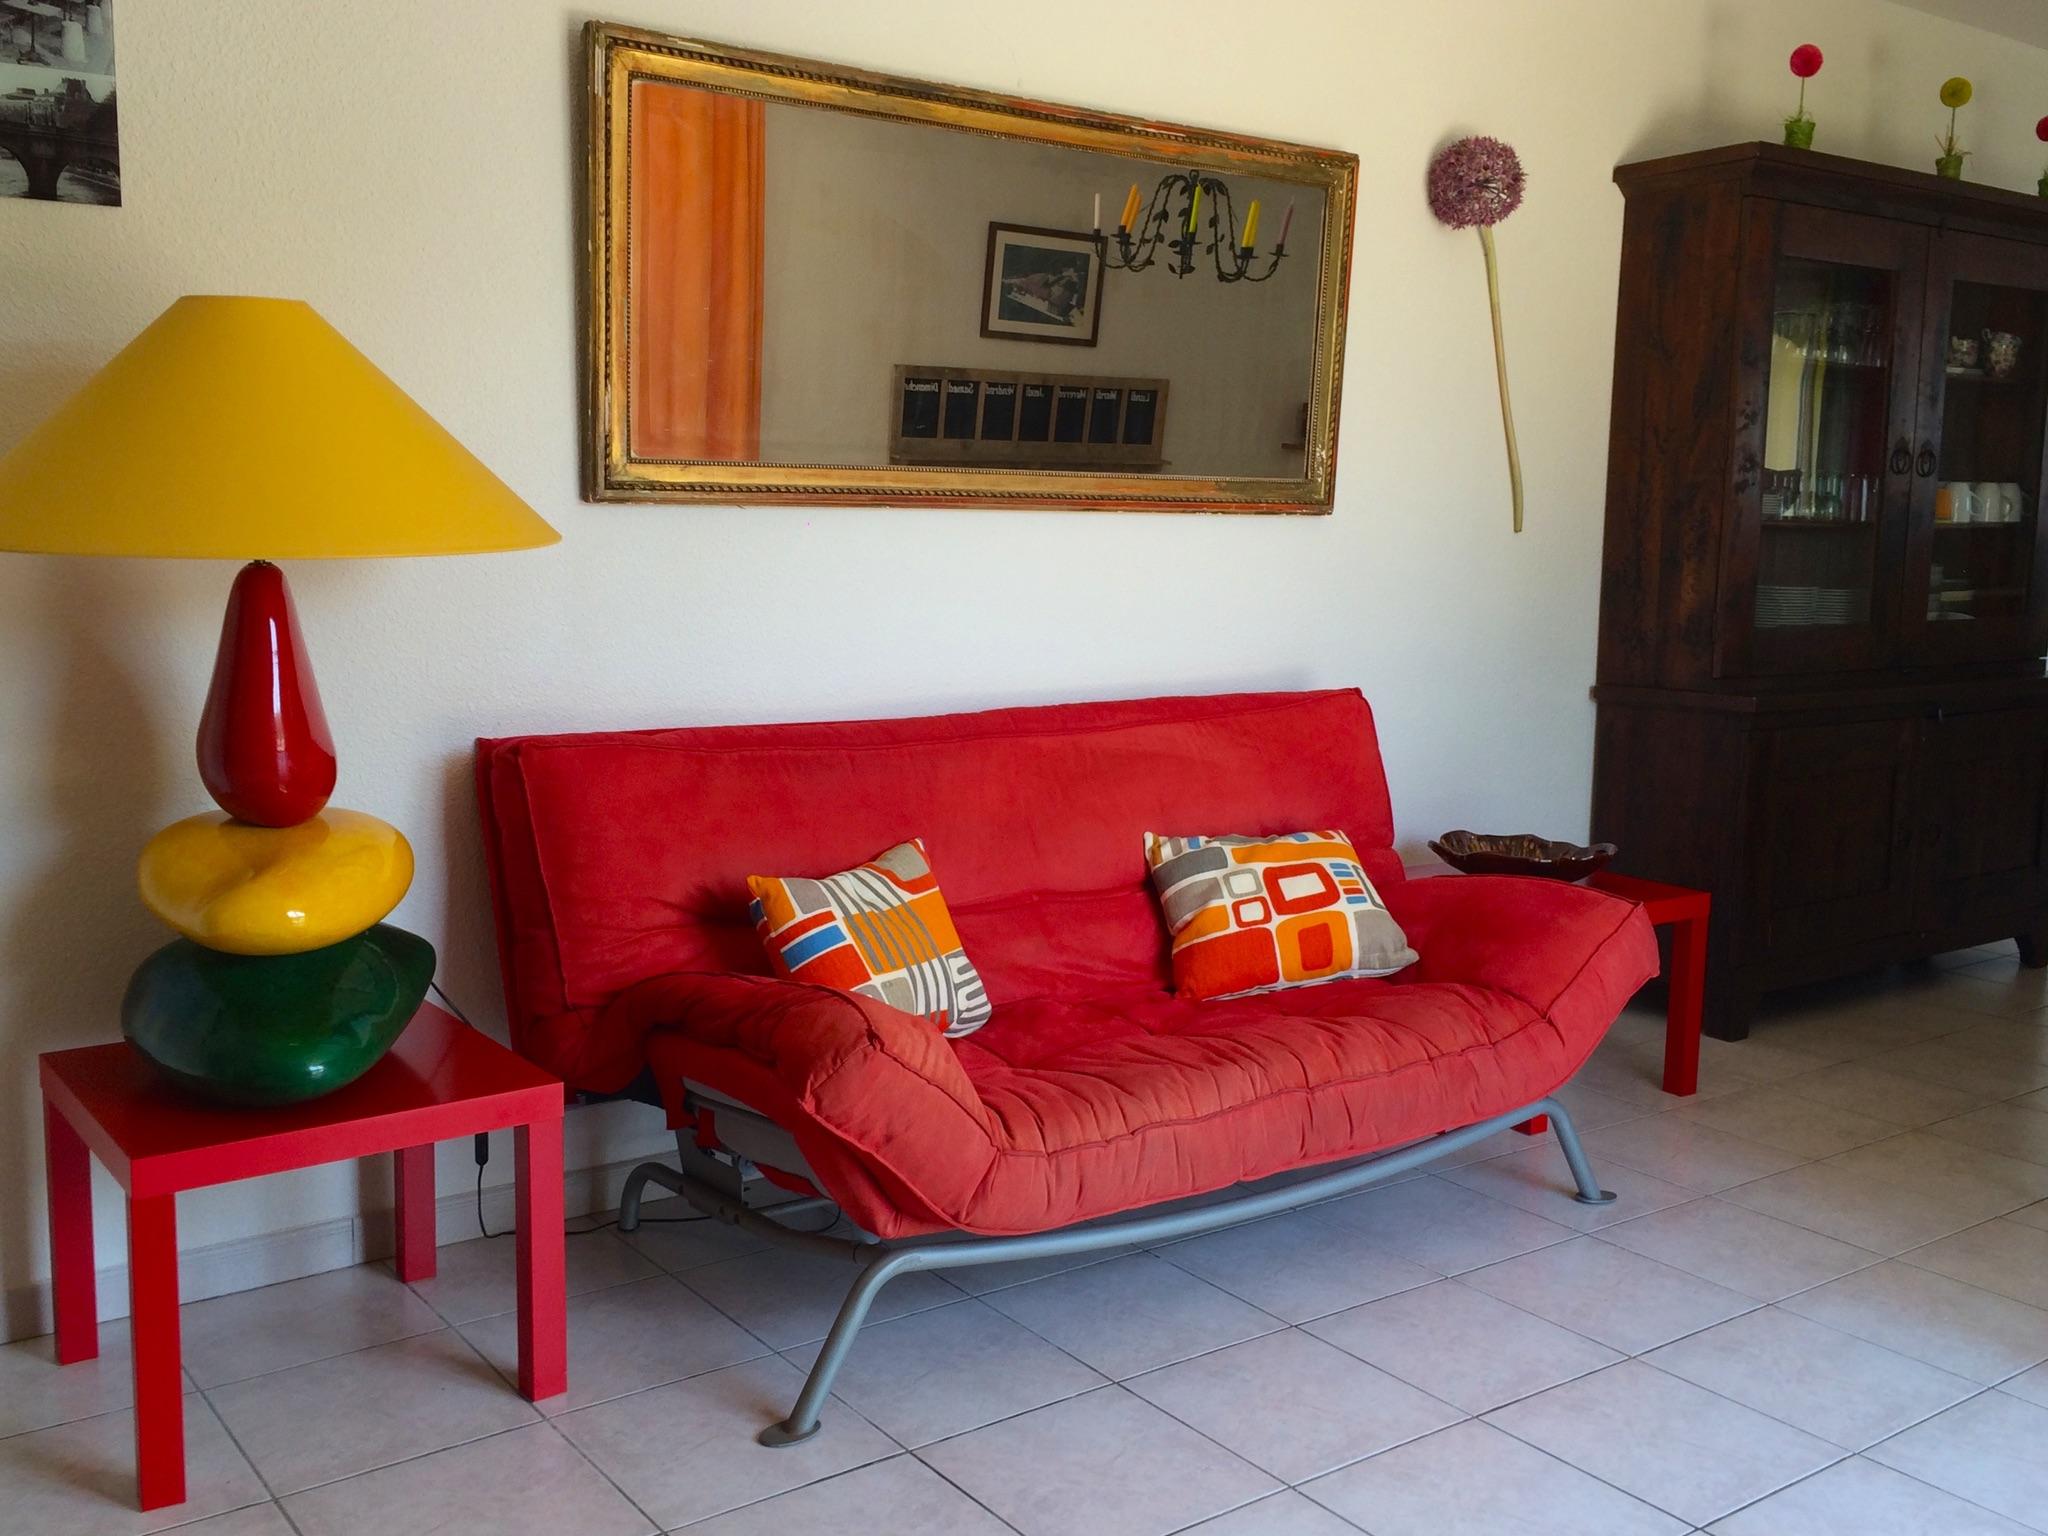 Ferienhaus Charaktervolles Haus in Hérault mit Pool und Garten (2201003), Portiragnes, Mittelmeerküste Hérault, Languedoc-Roussillon, Frankreich, Bild 11